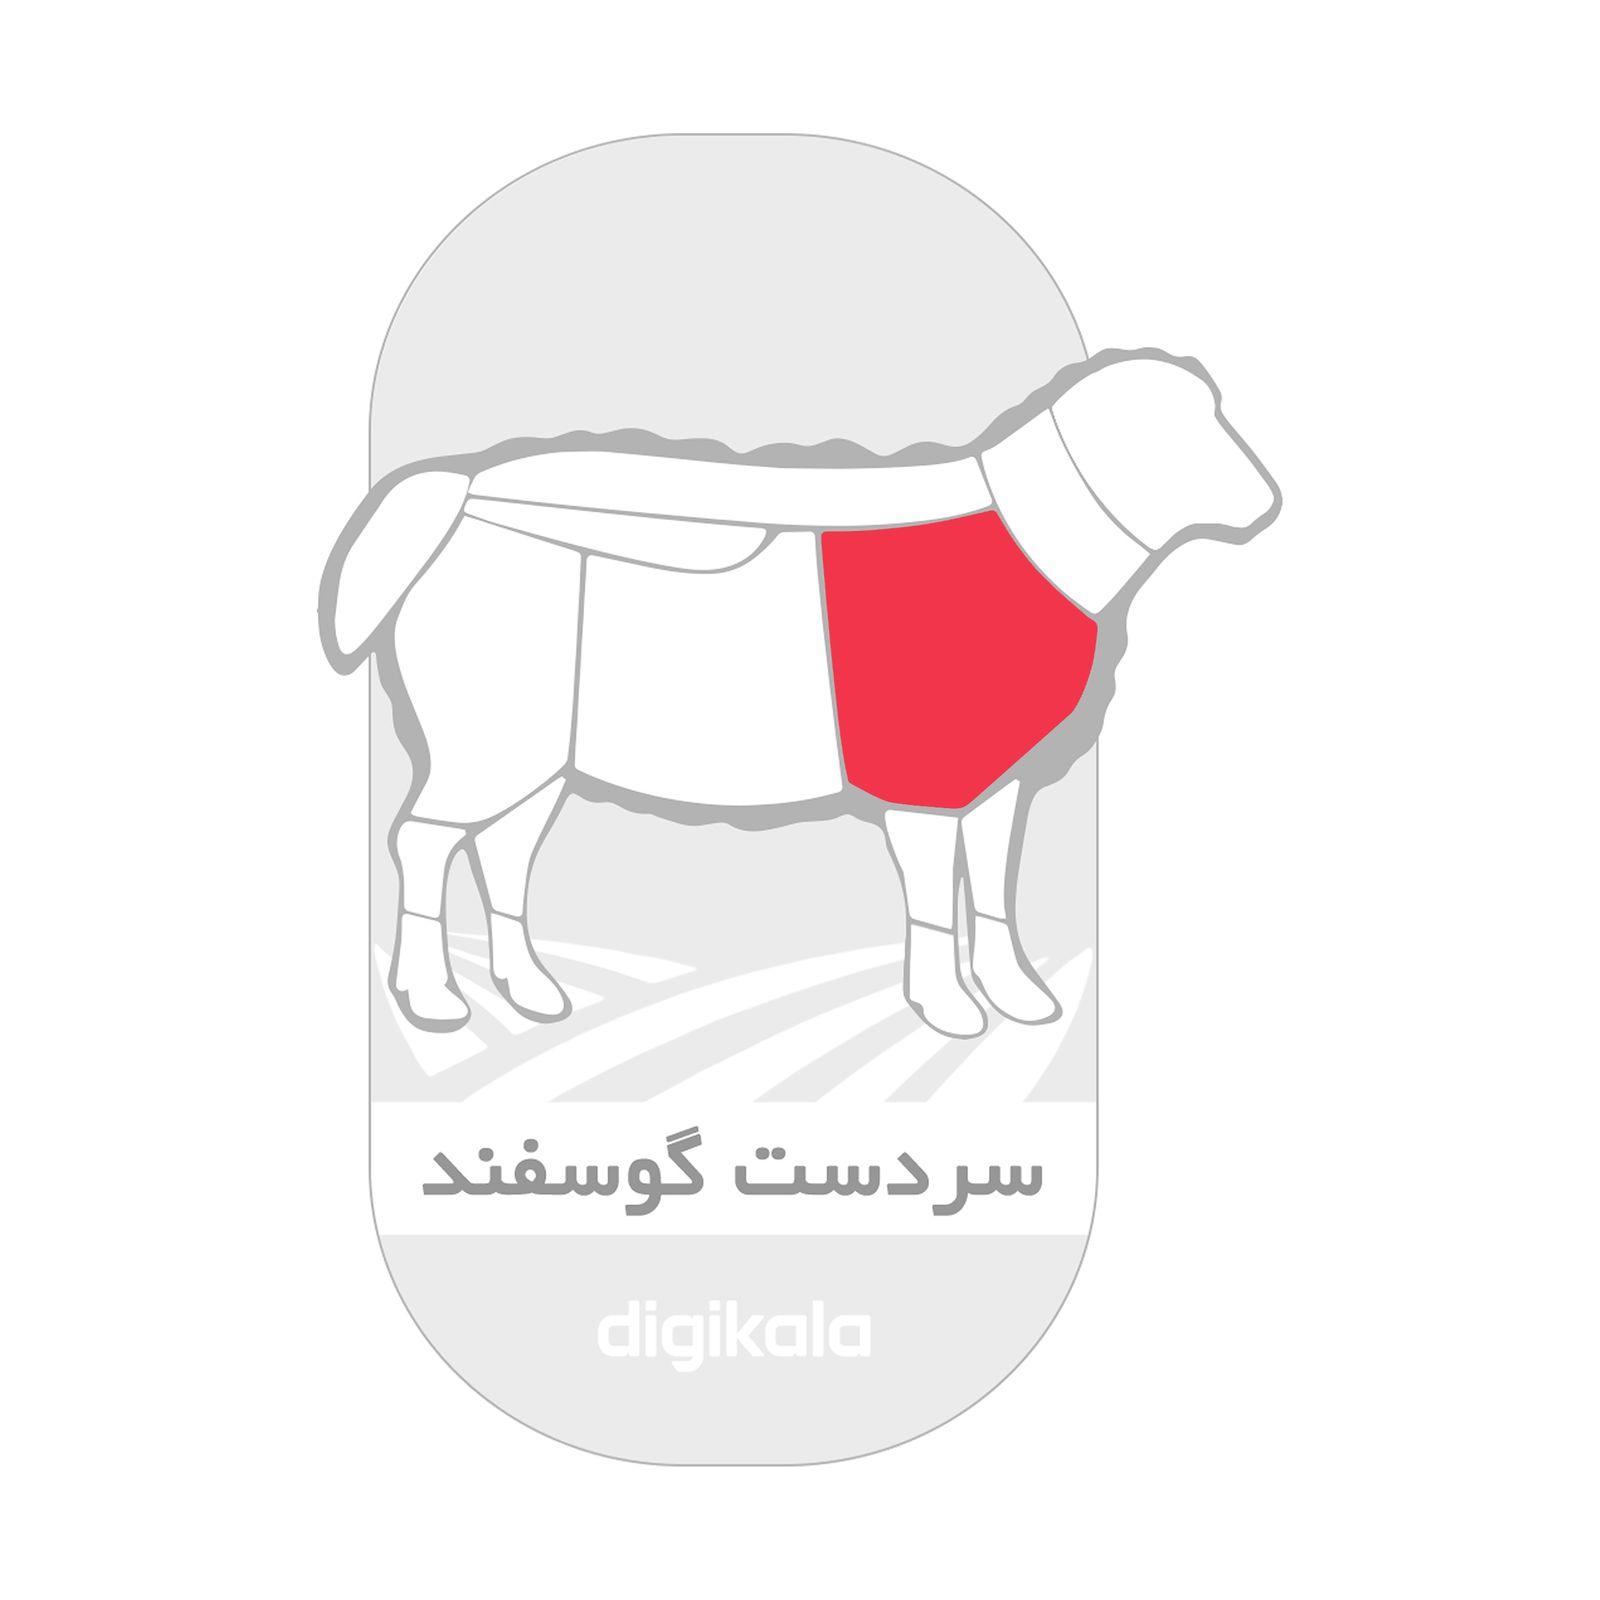 سردست بدون گردن گوسفند داخلی مهیا پروتئین مقدار 1 کیلوگرم main 1 6